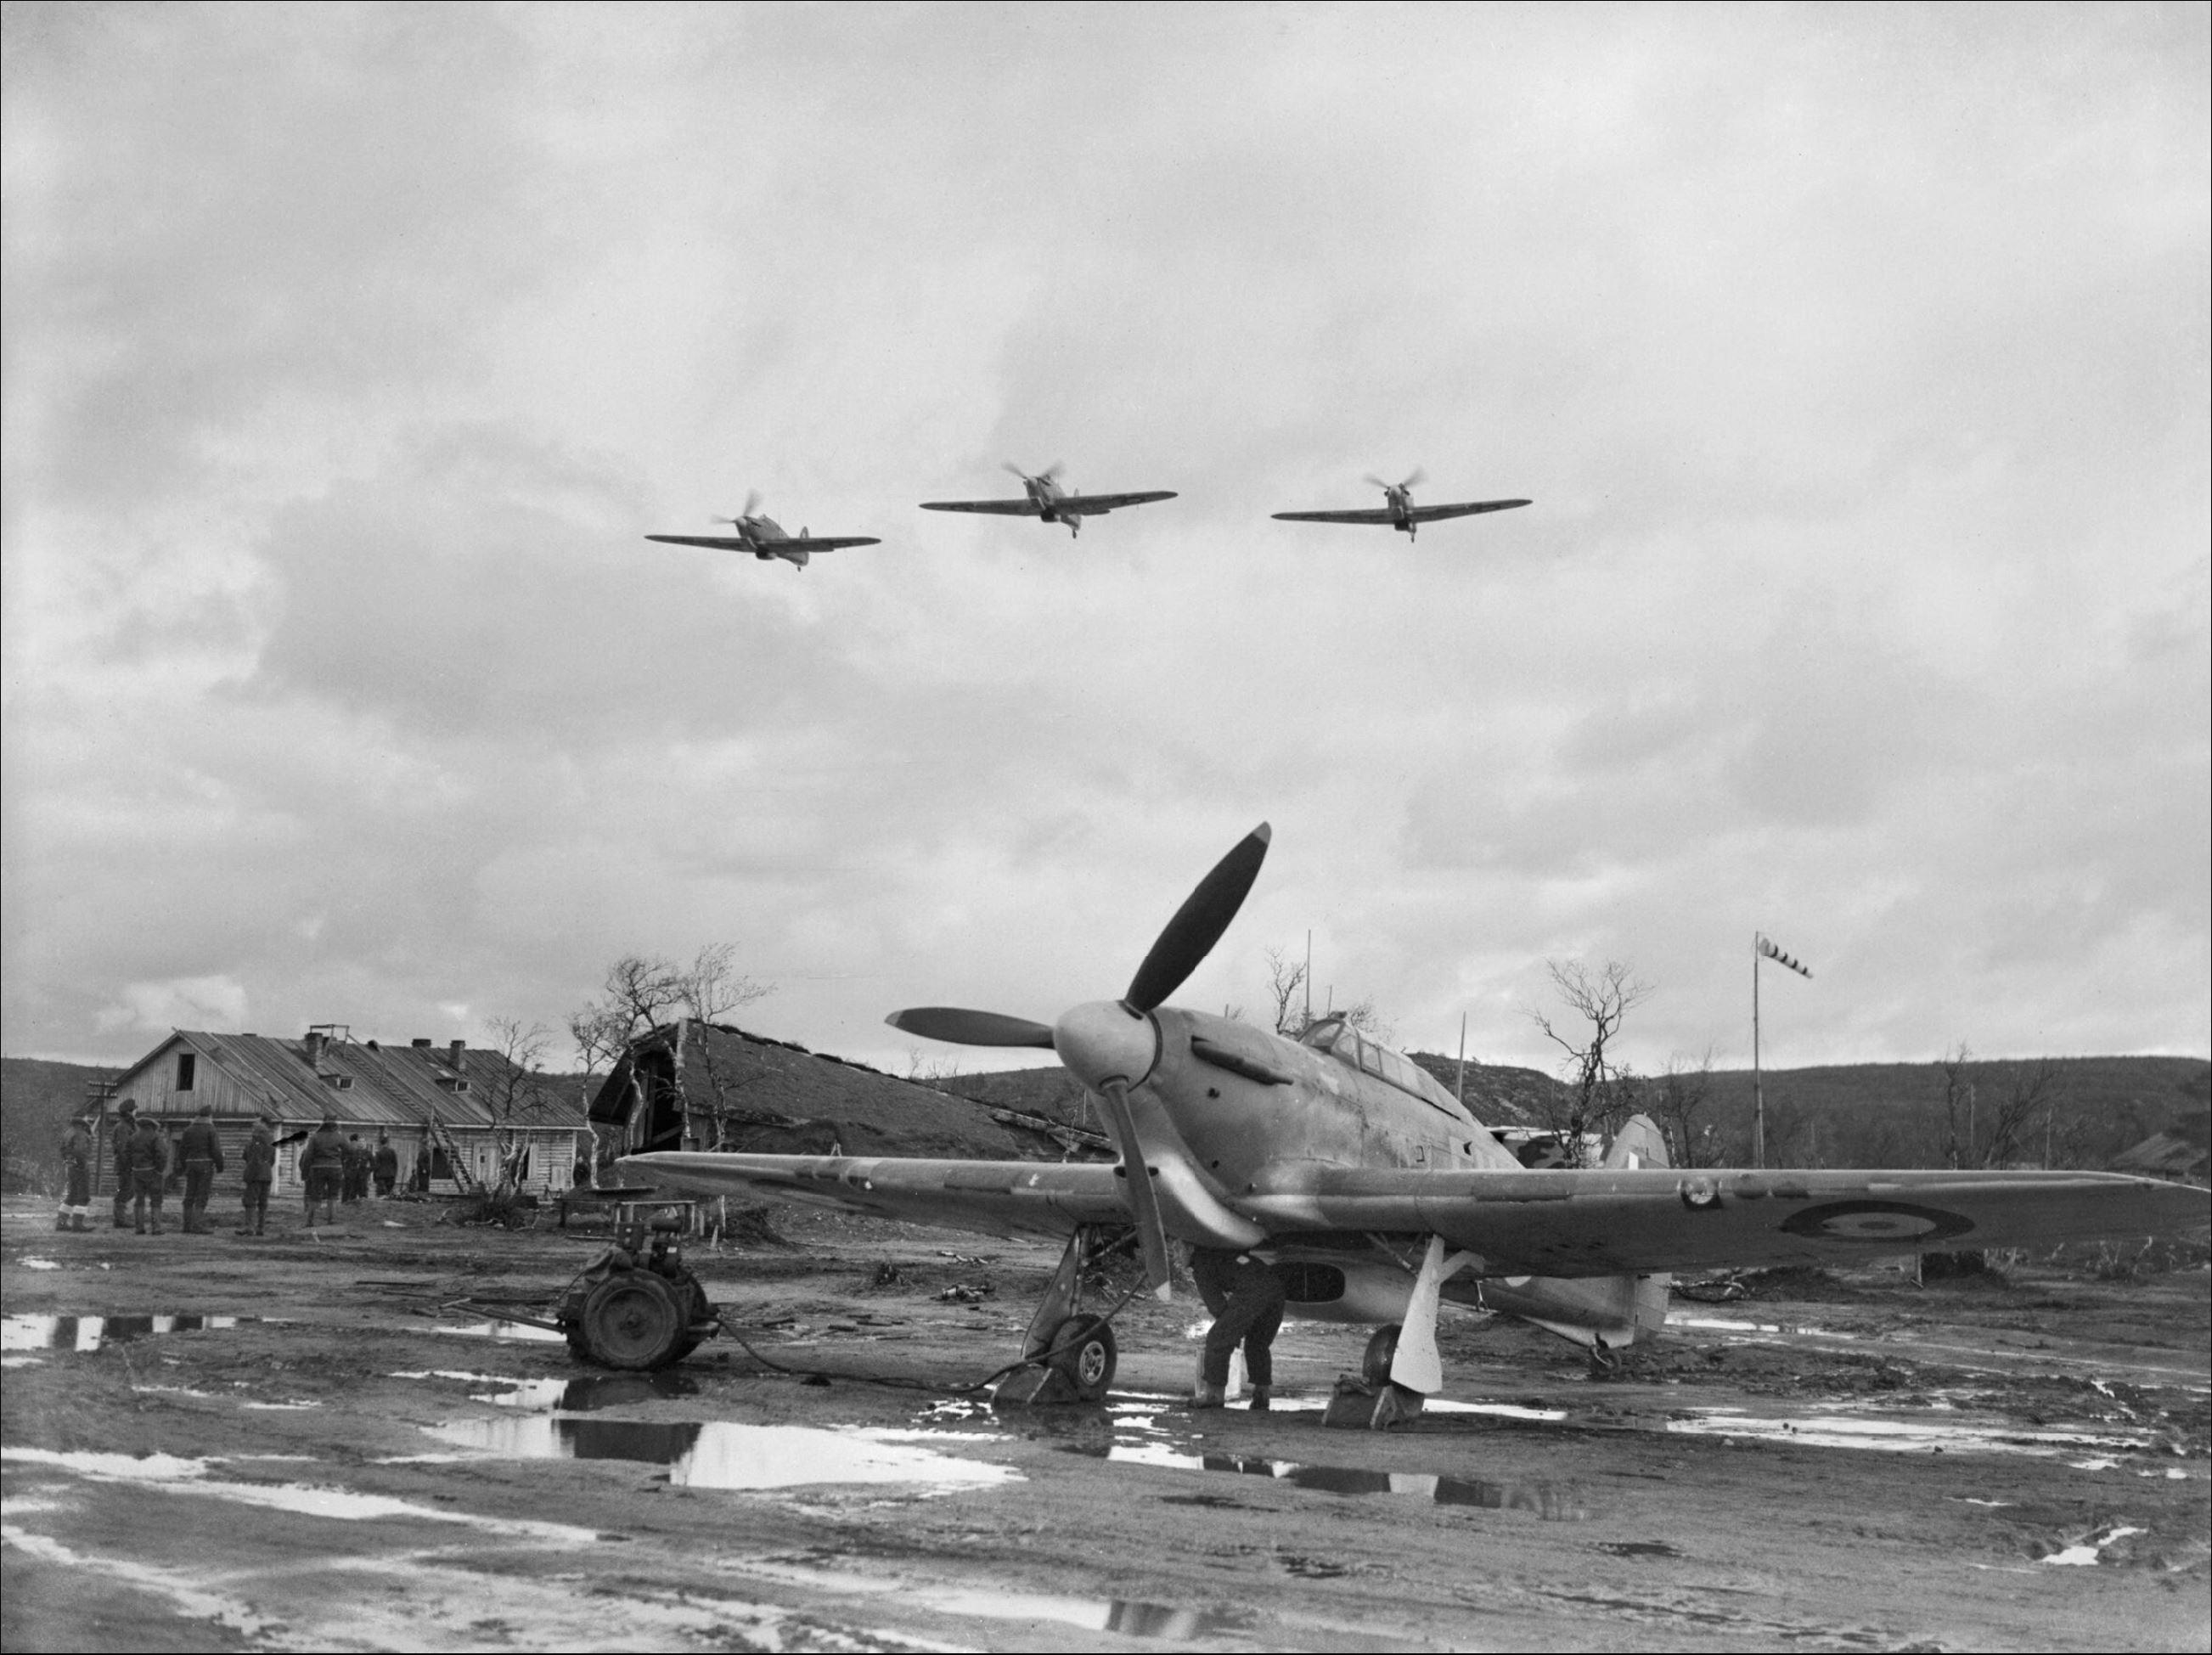 Hurricane IIb Trop RAF 151 Wing stands mission ready Murmansk USSR 1941 IWM CR38